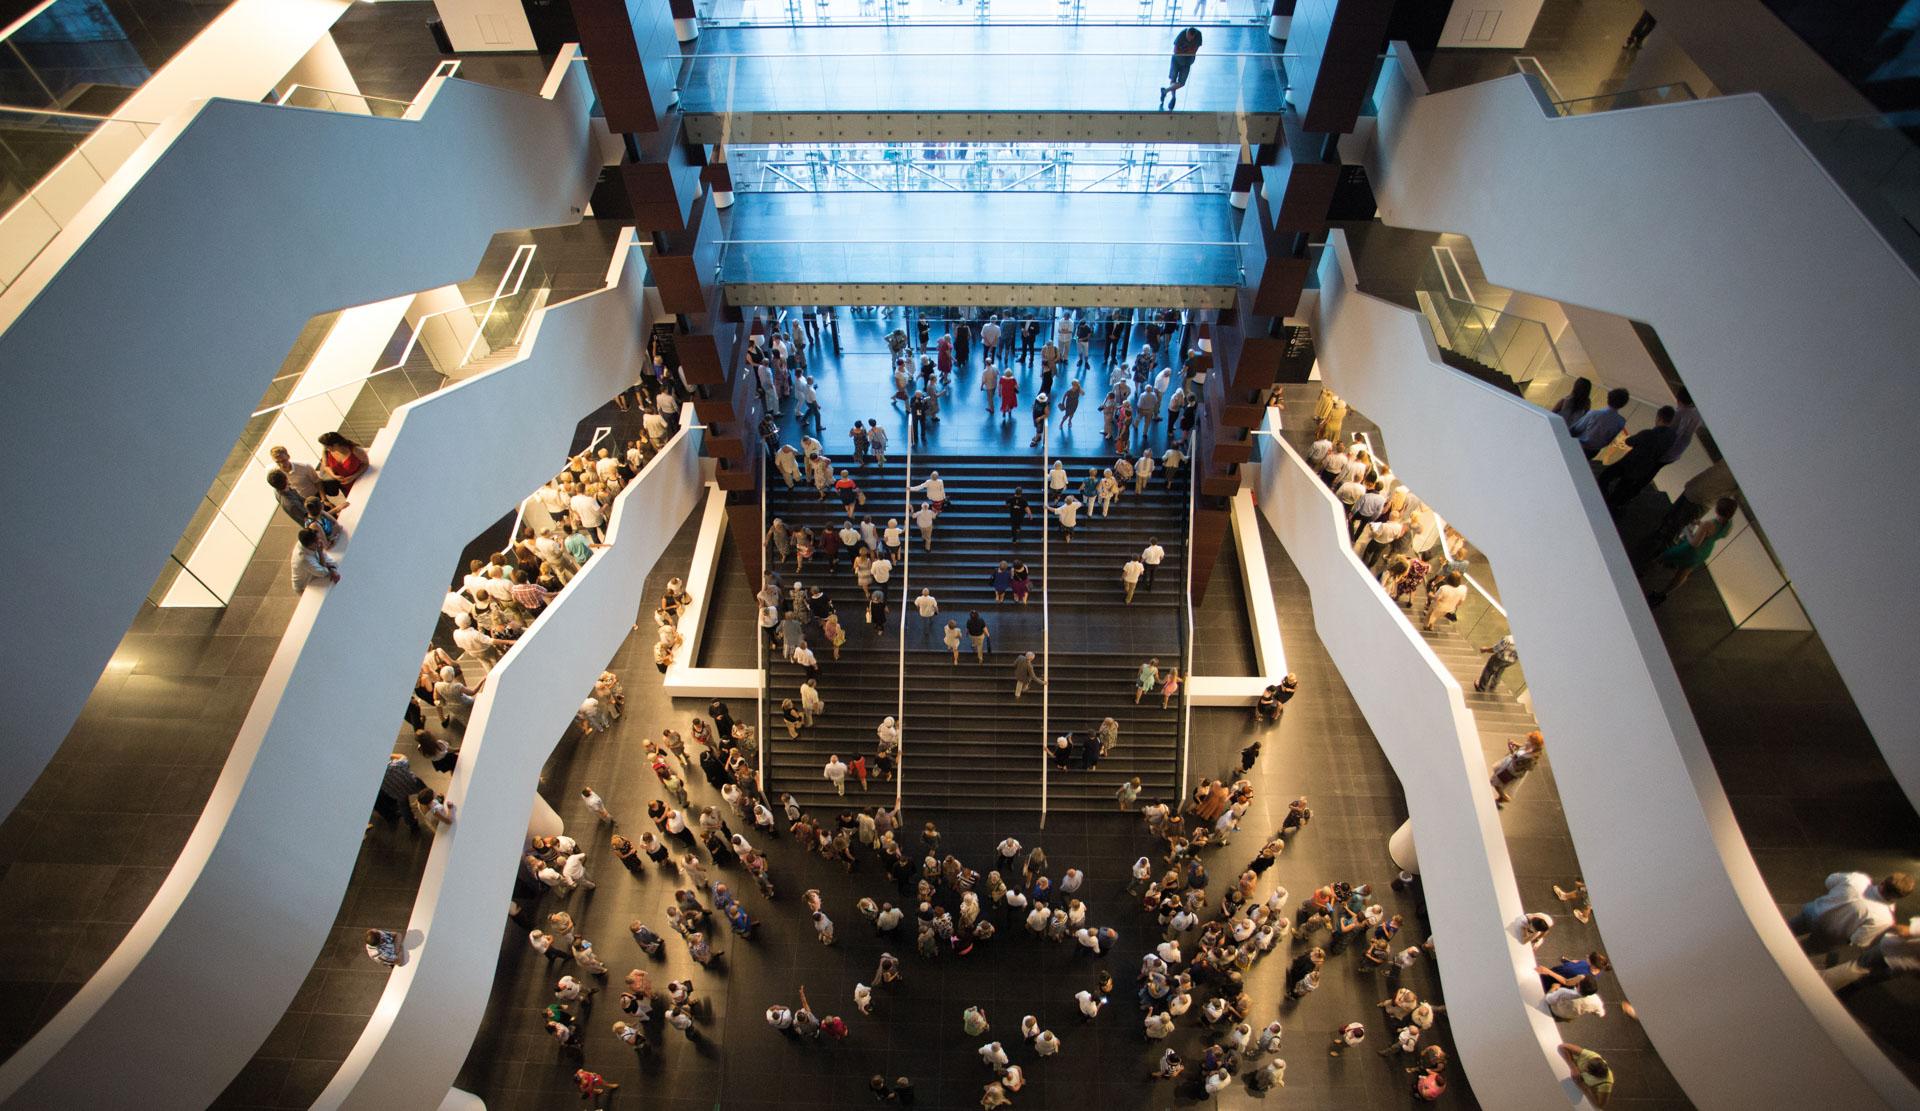 Narodowe Forum Muzyki we Wrocławiu - najwyższa jakość dźwięku